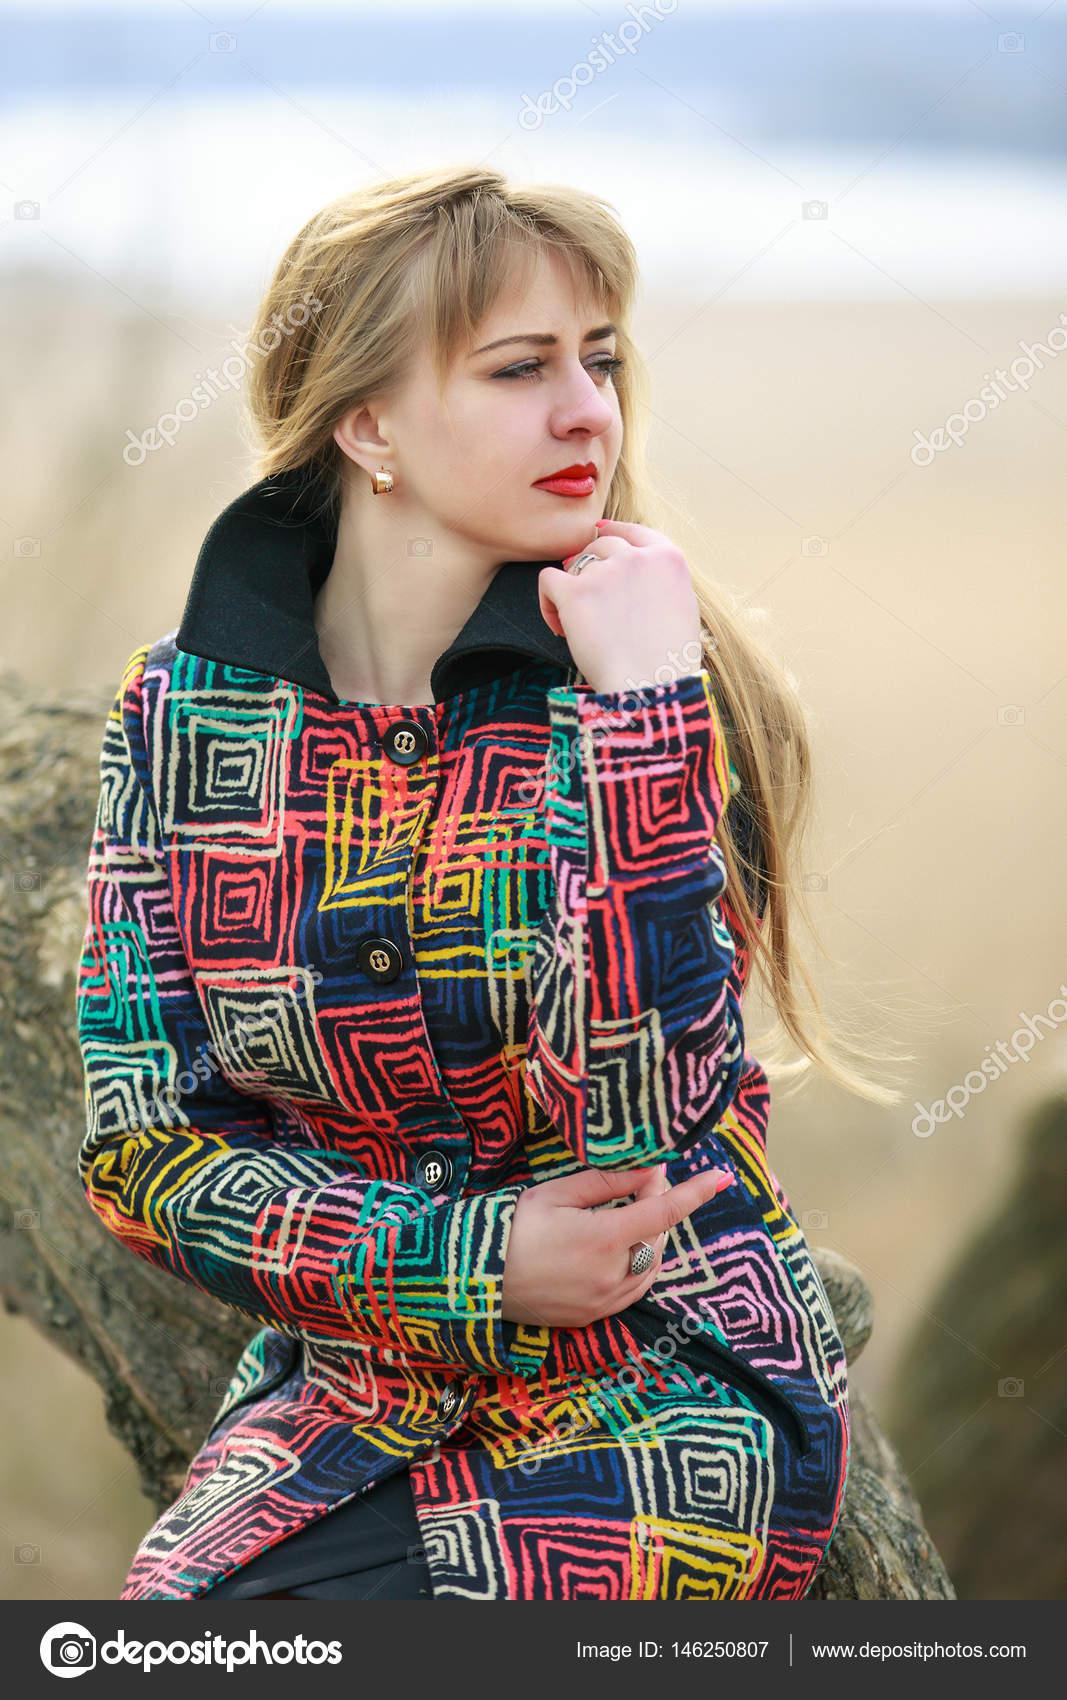 brand new 950d4 f5f97 Una donna in un cappotto colorato con un sacco di tristezza ...